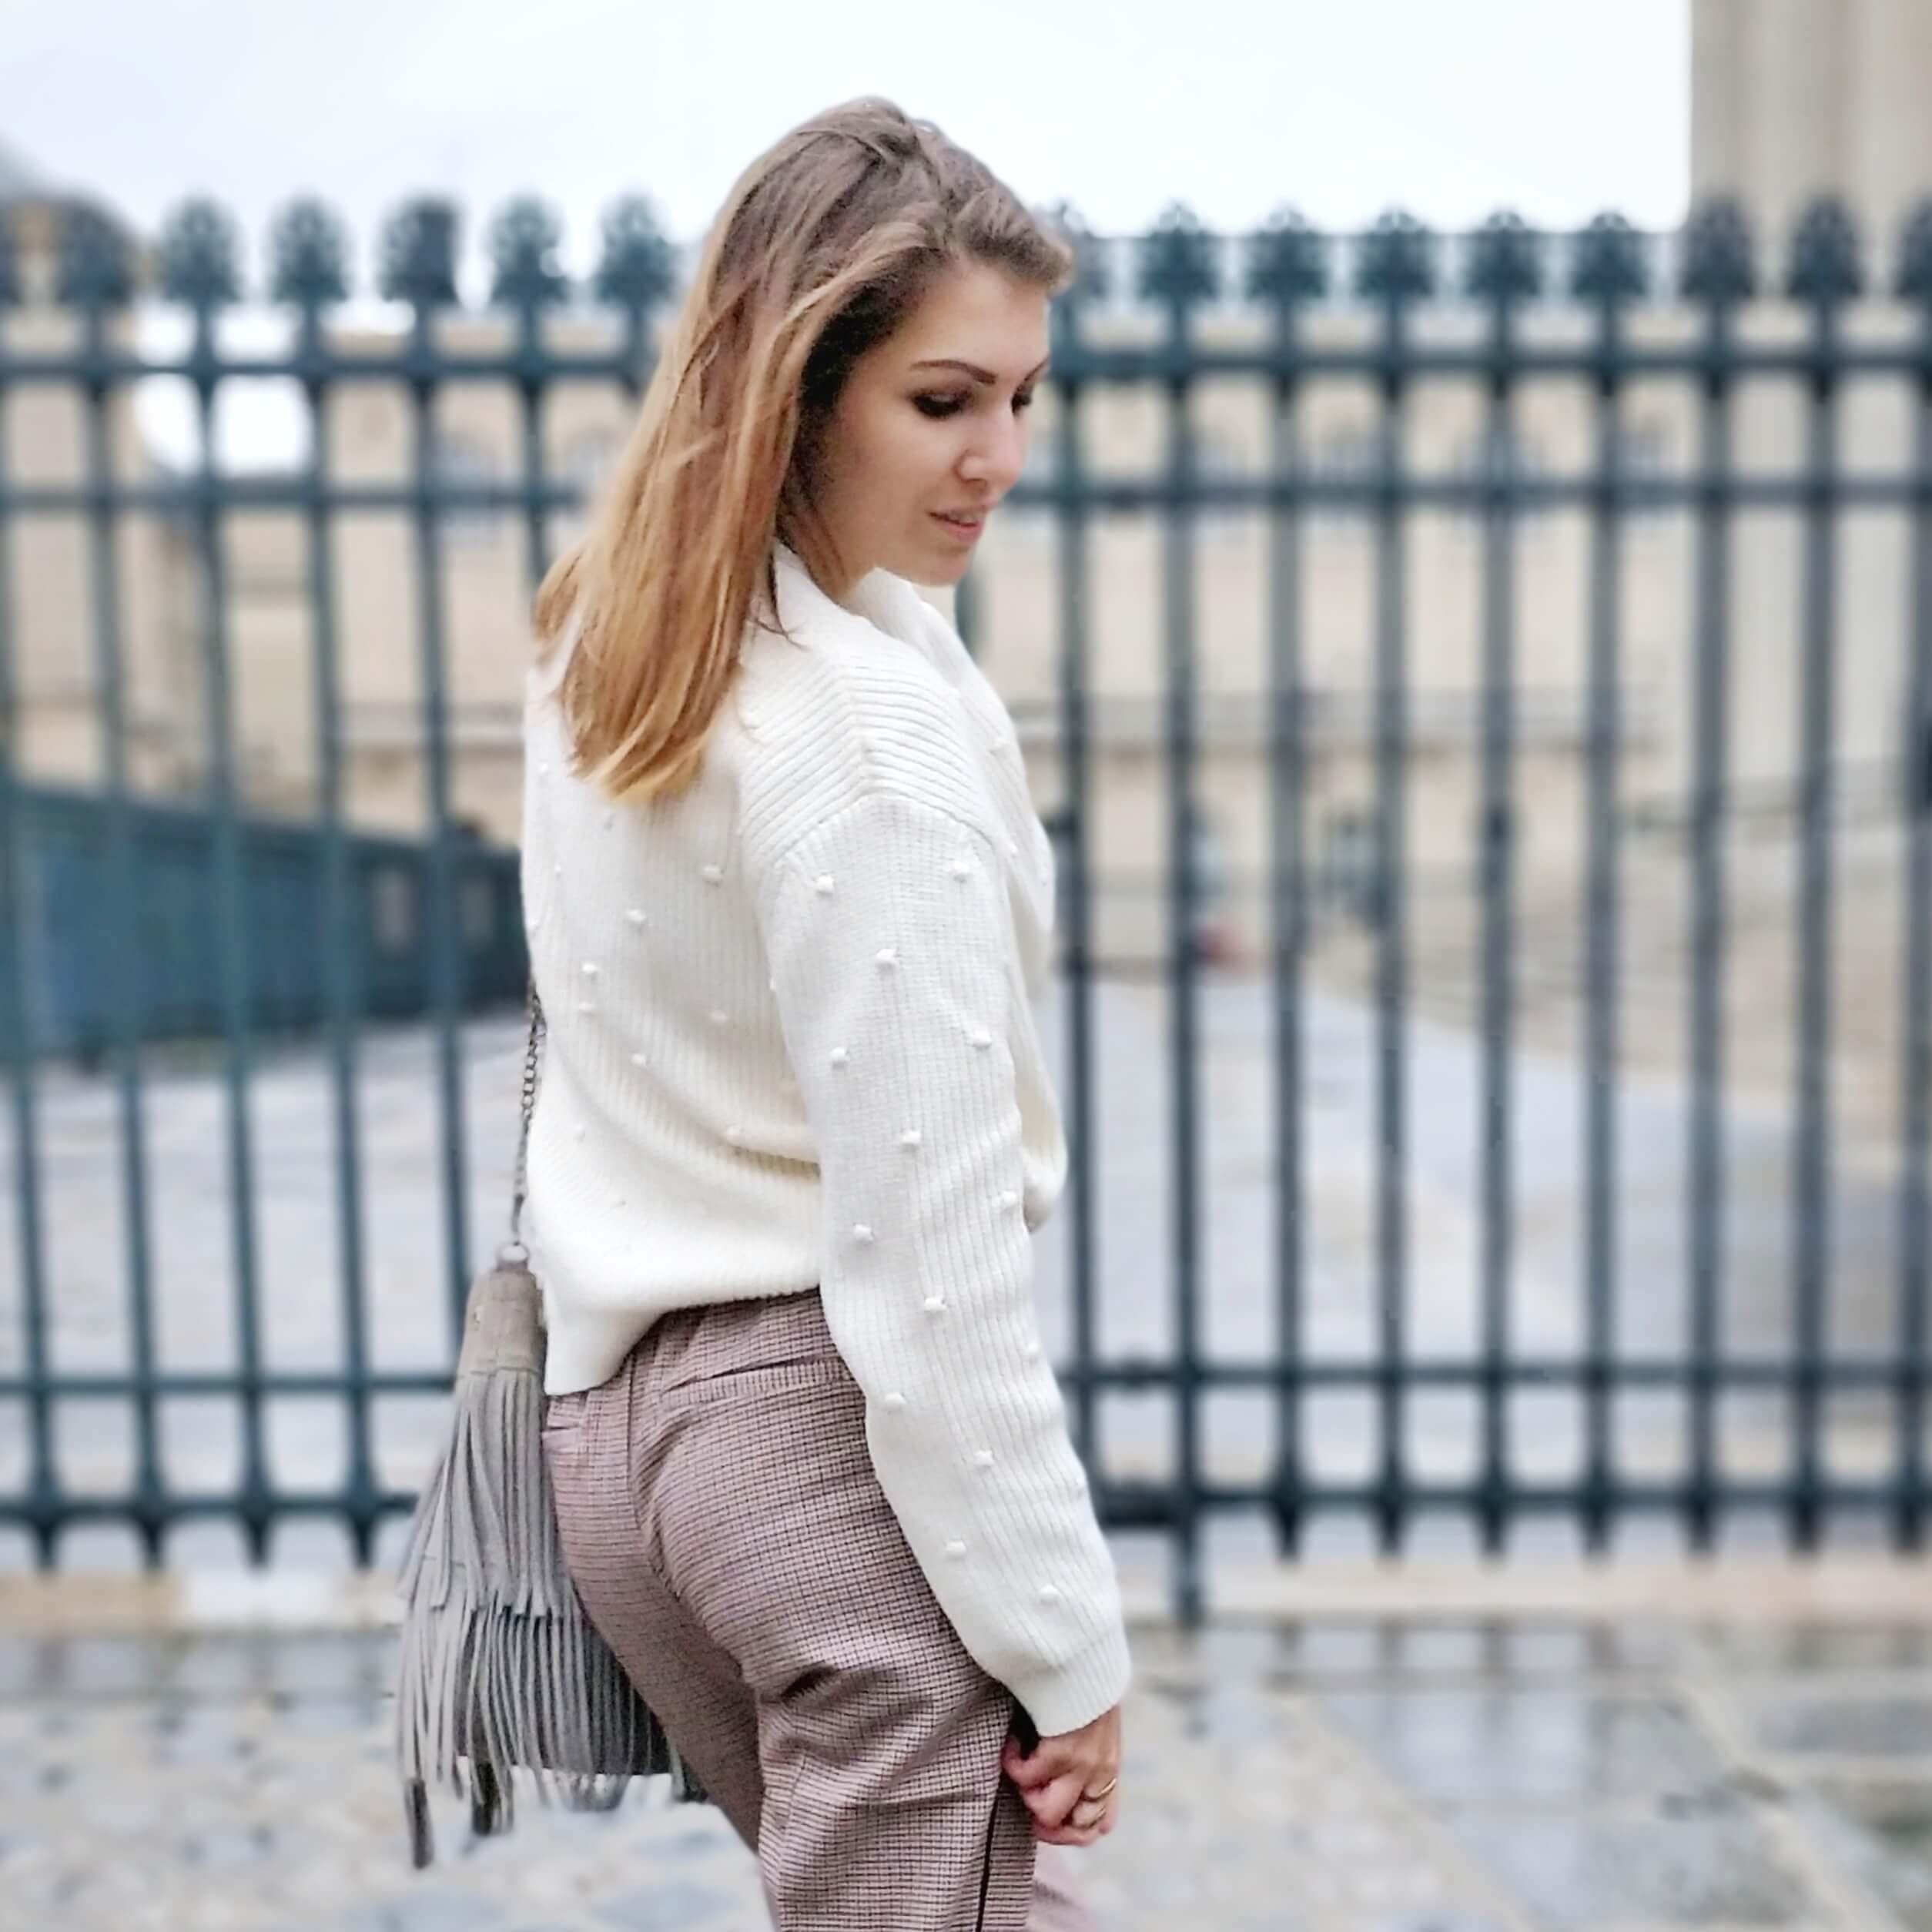 blog 19 janvier pull blanc - L'hiver en fausse fourrure